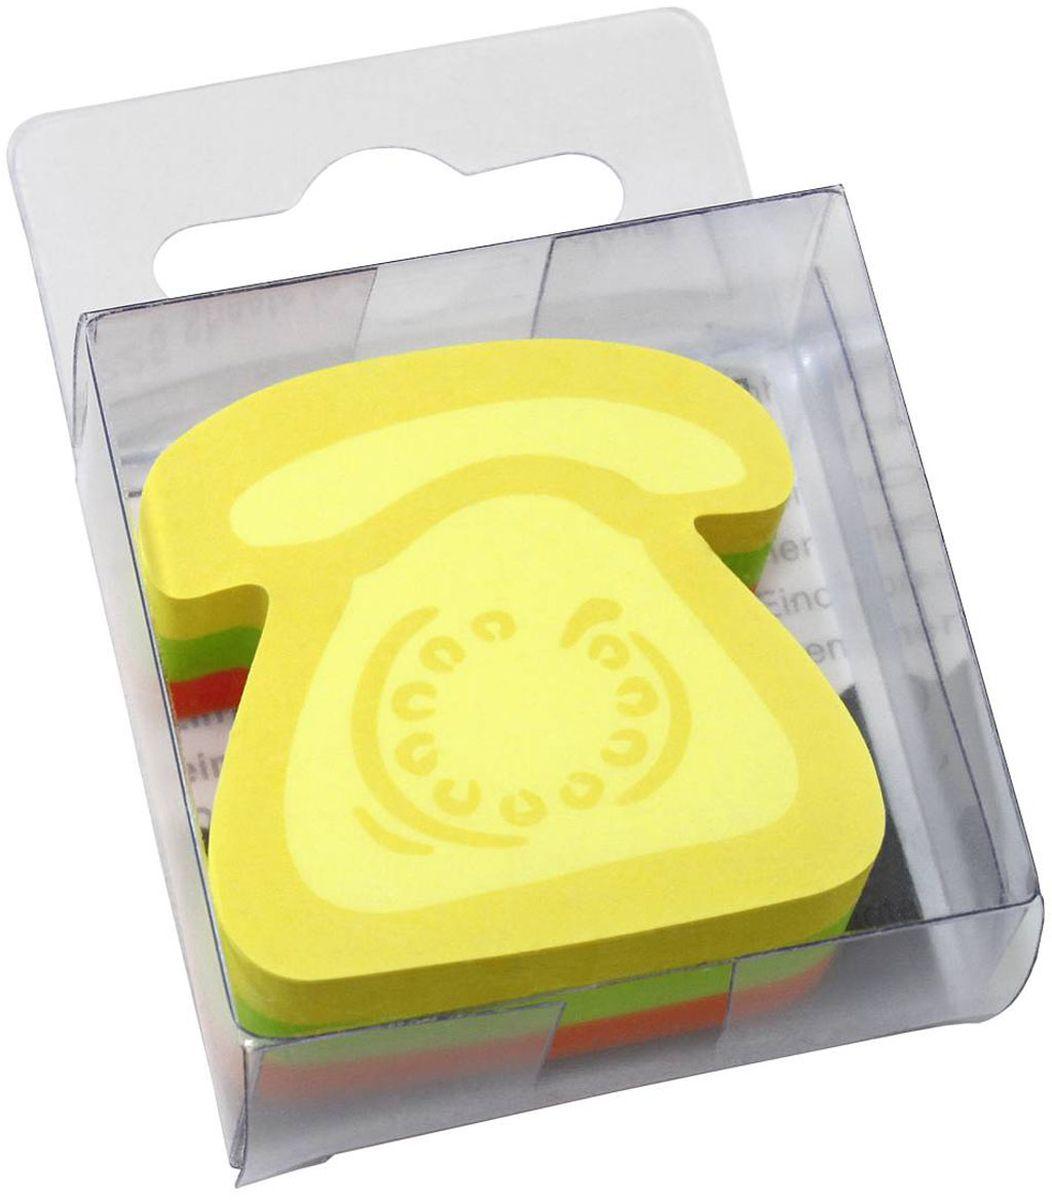 Global Notes Бумага для заметок с липким слоем Телефон 225 листов0703415Не только удобна, но и интересна, позволяет привлечь внимание к нужной информации. Размер 50х50 мм. В блоке 225 листов. ТЕЛЕФОН. В блистерной коробкеПлотность бумаги 70гр/м2